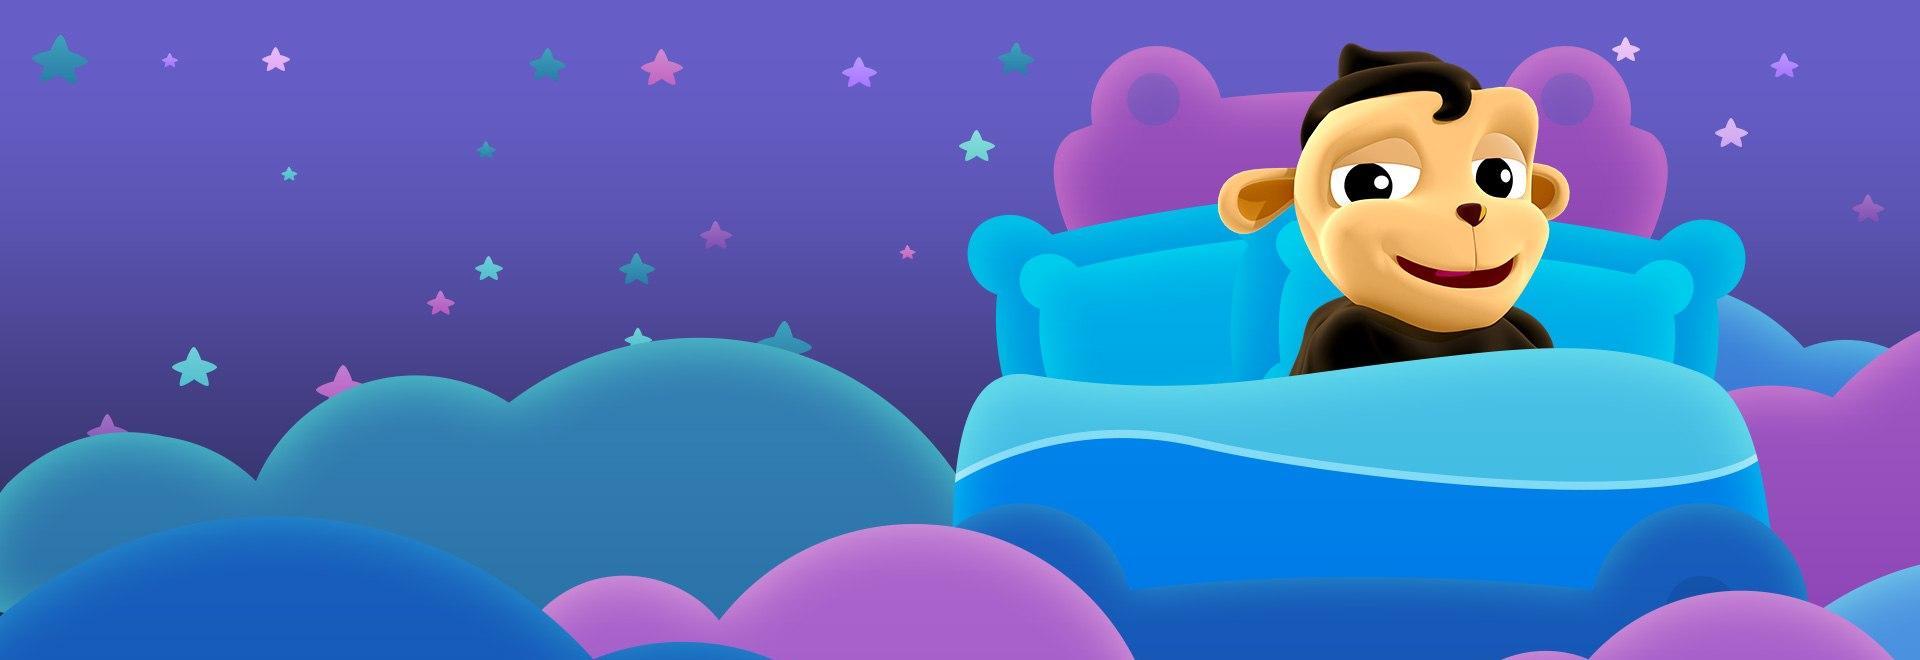 Notti piene di sogni - Stag. 1 - Canzoni & Filastrocche